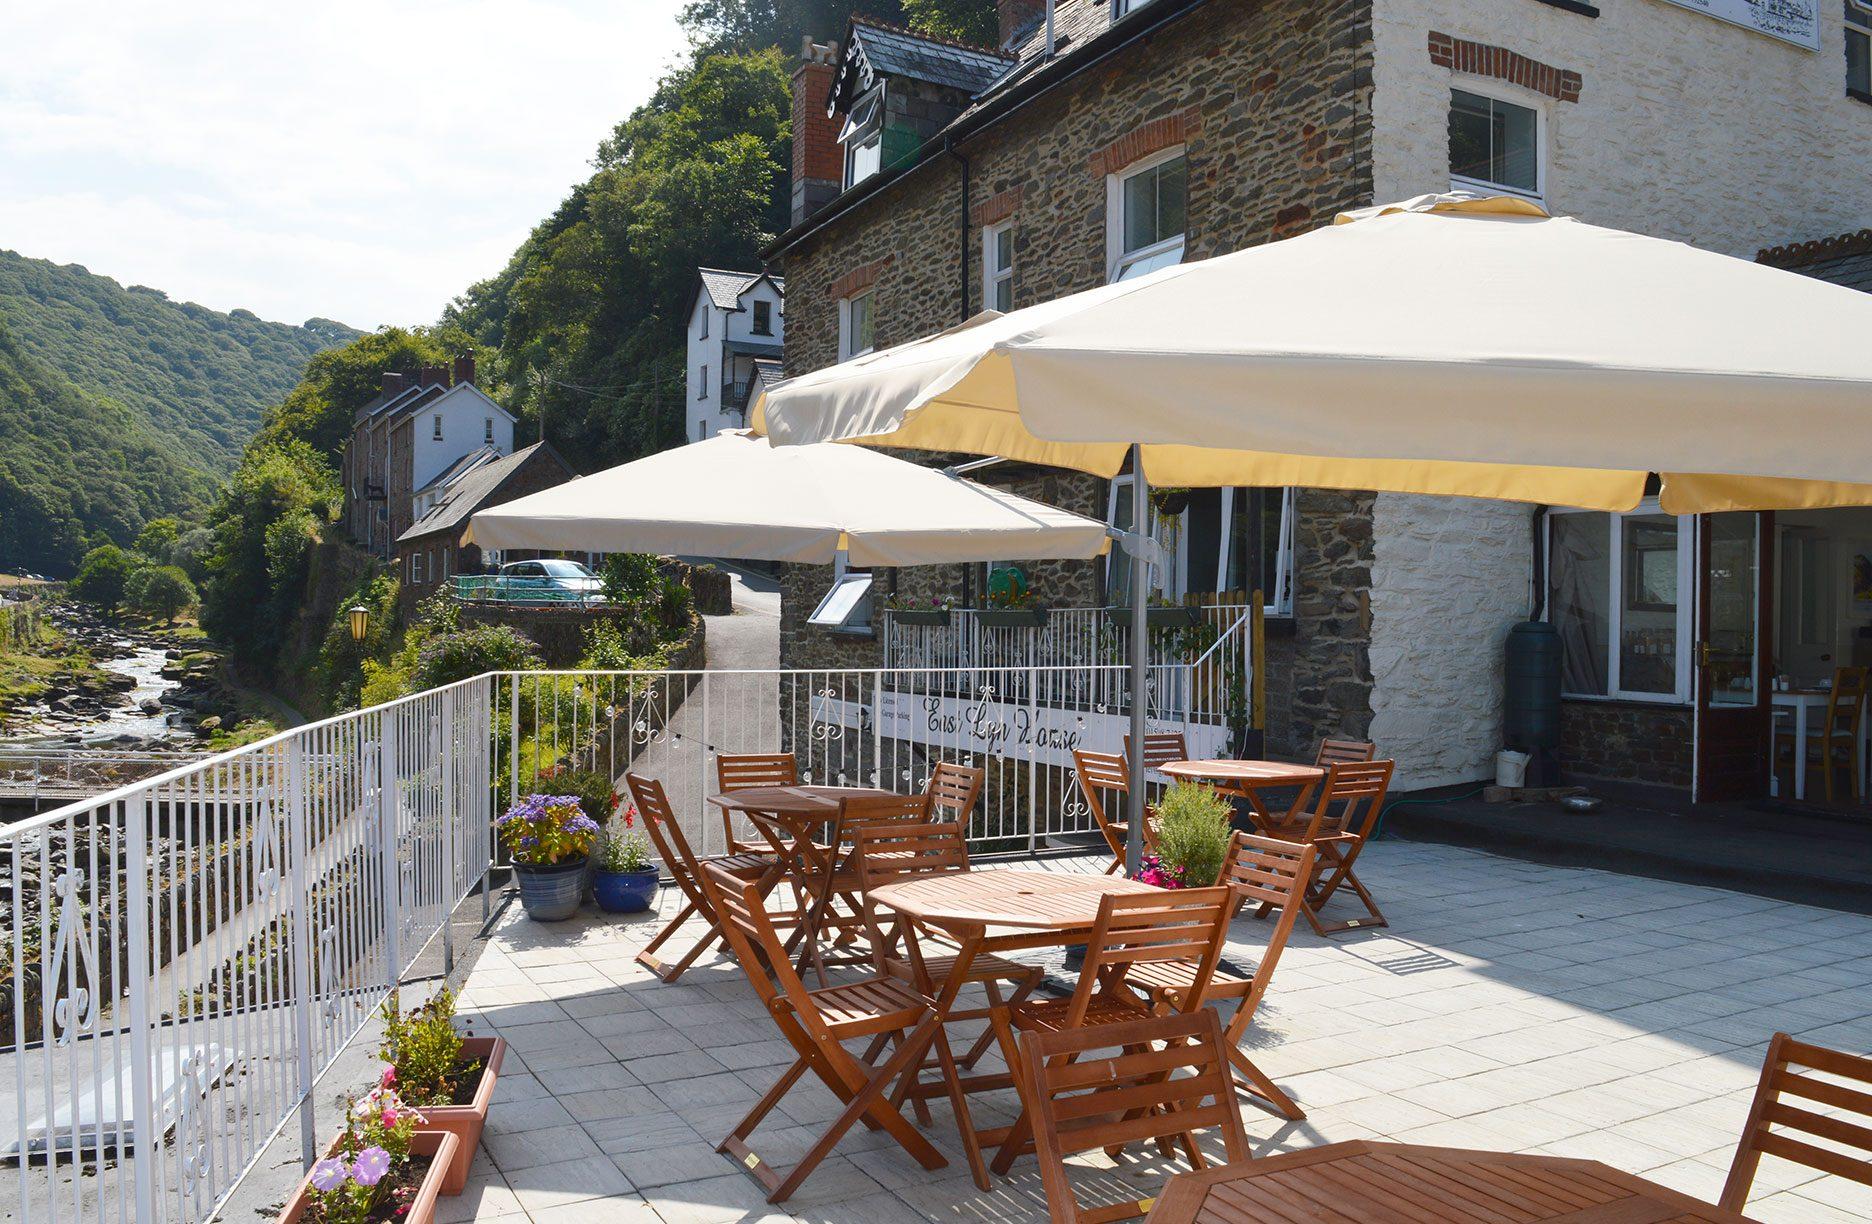 East Lyn House, Bed and Breakfast, riverside terrace